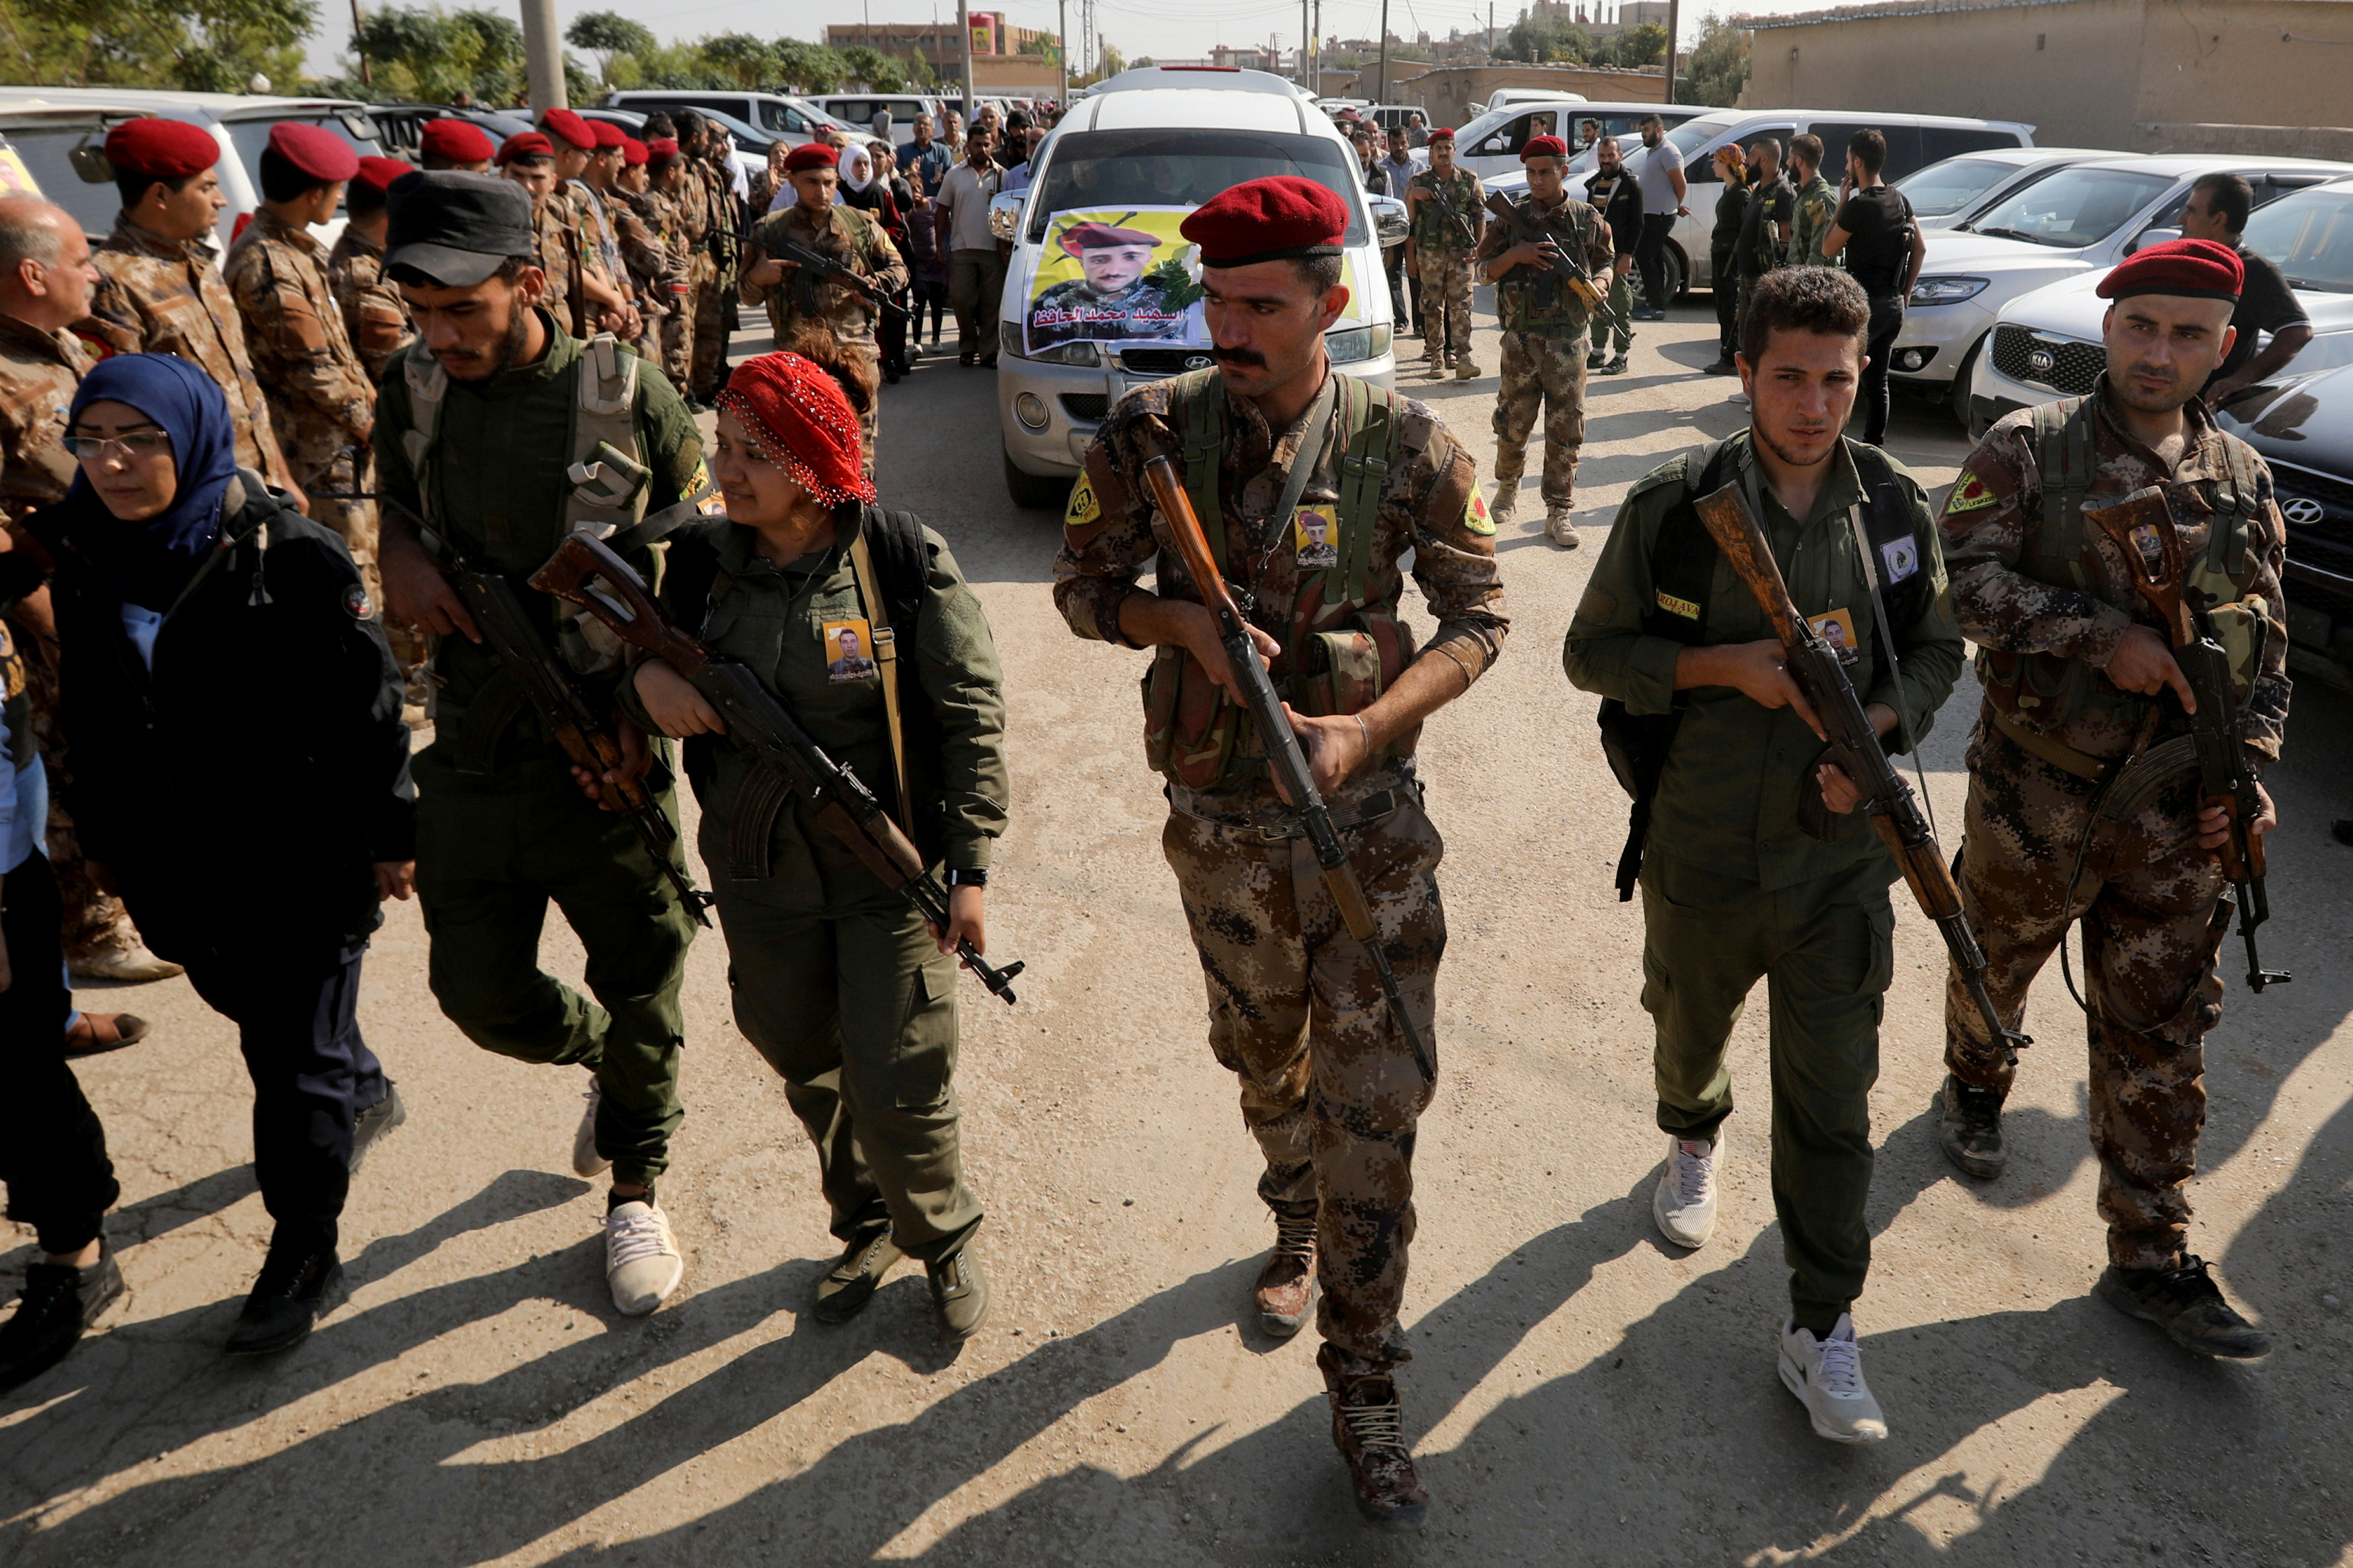 Ρωσία: Καλεί τους Κούρδους μαχητές να καταταχθούν στον στρατό της Συρίας